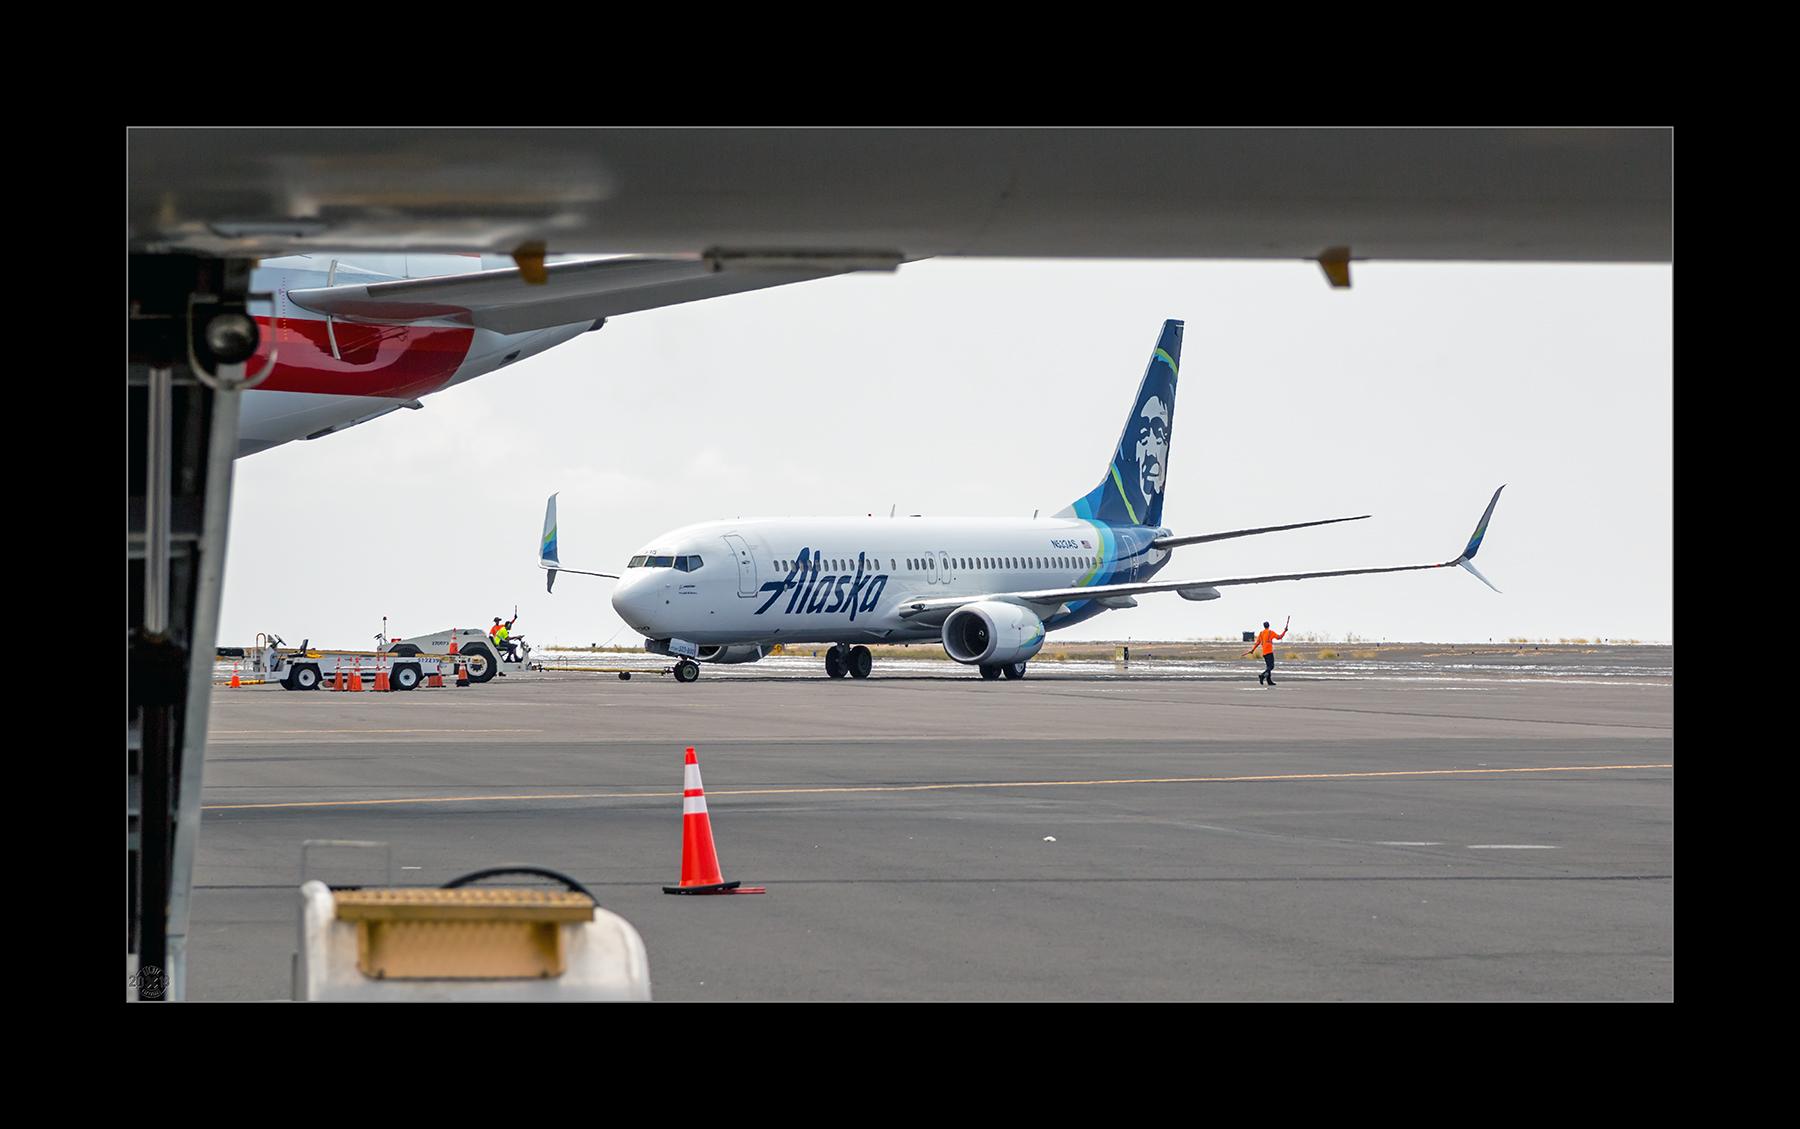 Boeing 737-890 von Alaska Airlines.